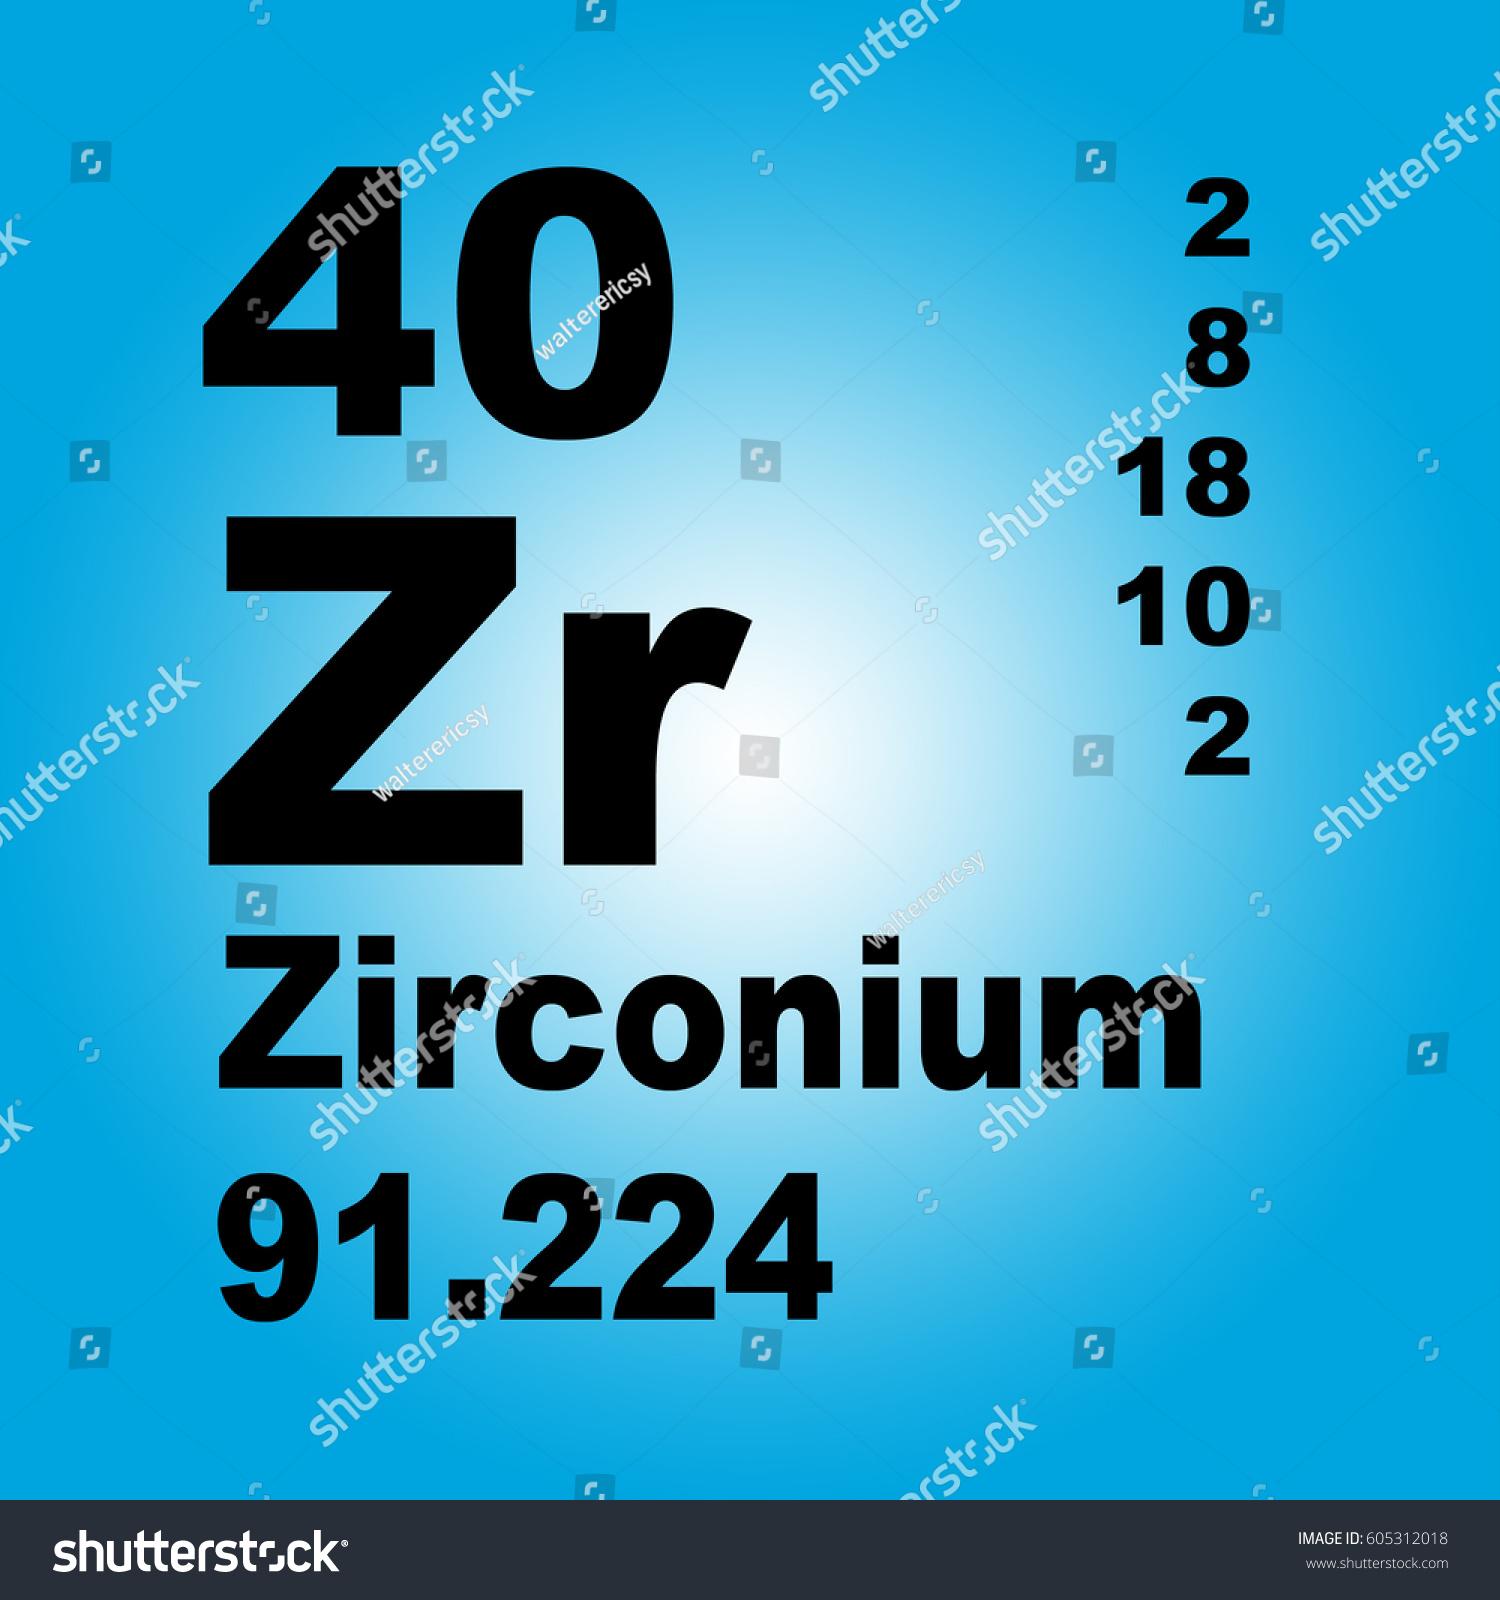 Zirconium periodic table elements stock illustration 605312018 zirconium periodic table of elements gamestrikefo Images